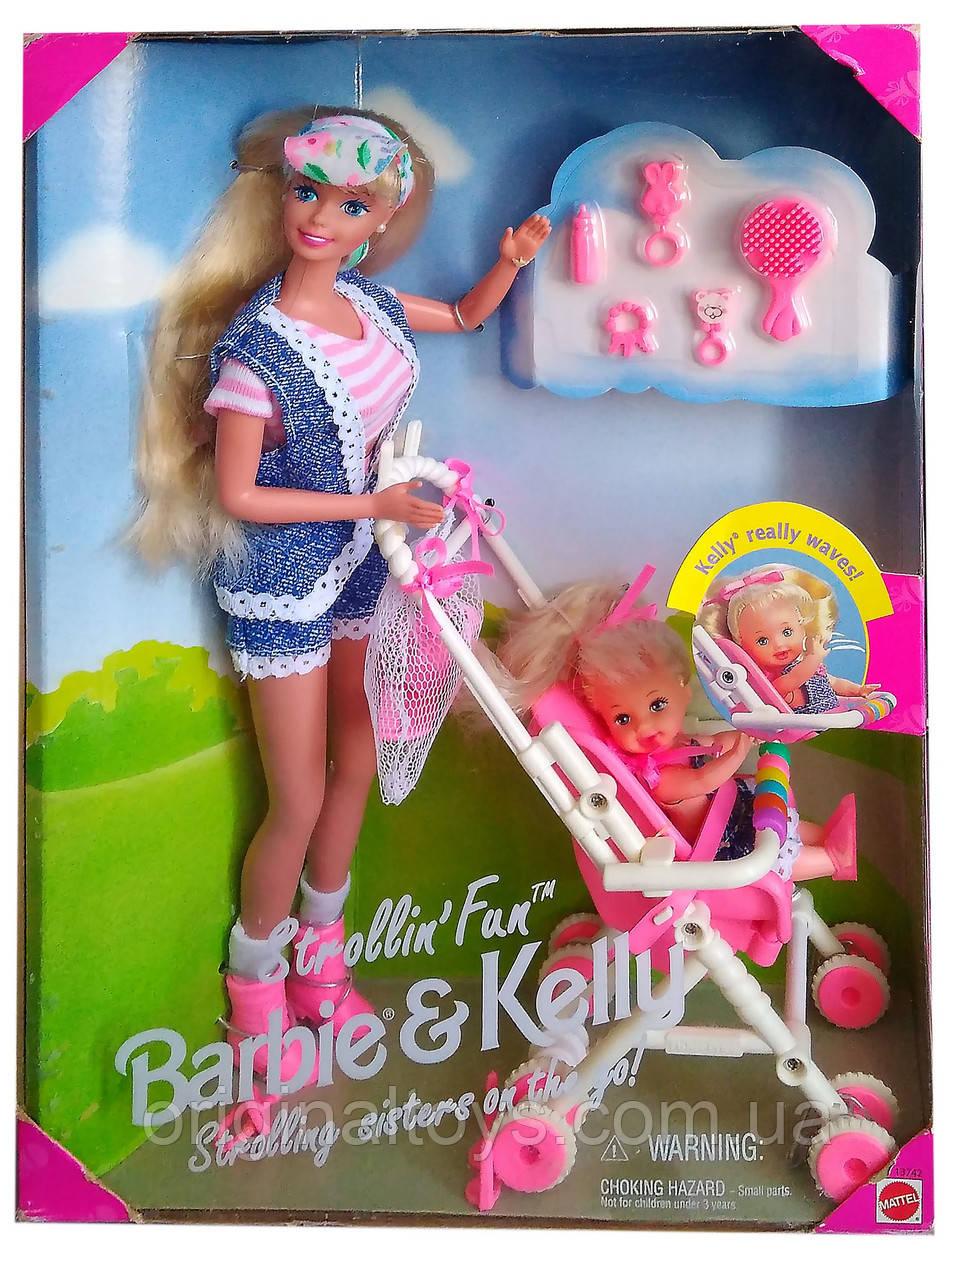 Игровой набор кукла Барби и Келли Весёлая прогулка Barbie and Kelly Strollin' Fun 1995 Mattel 13742